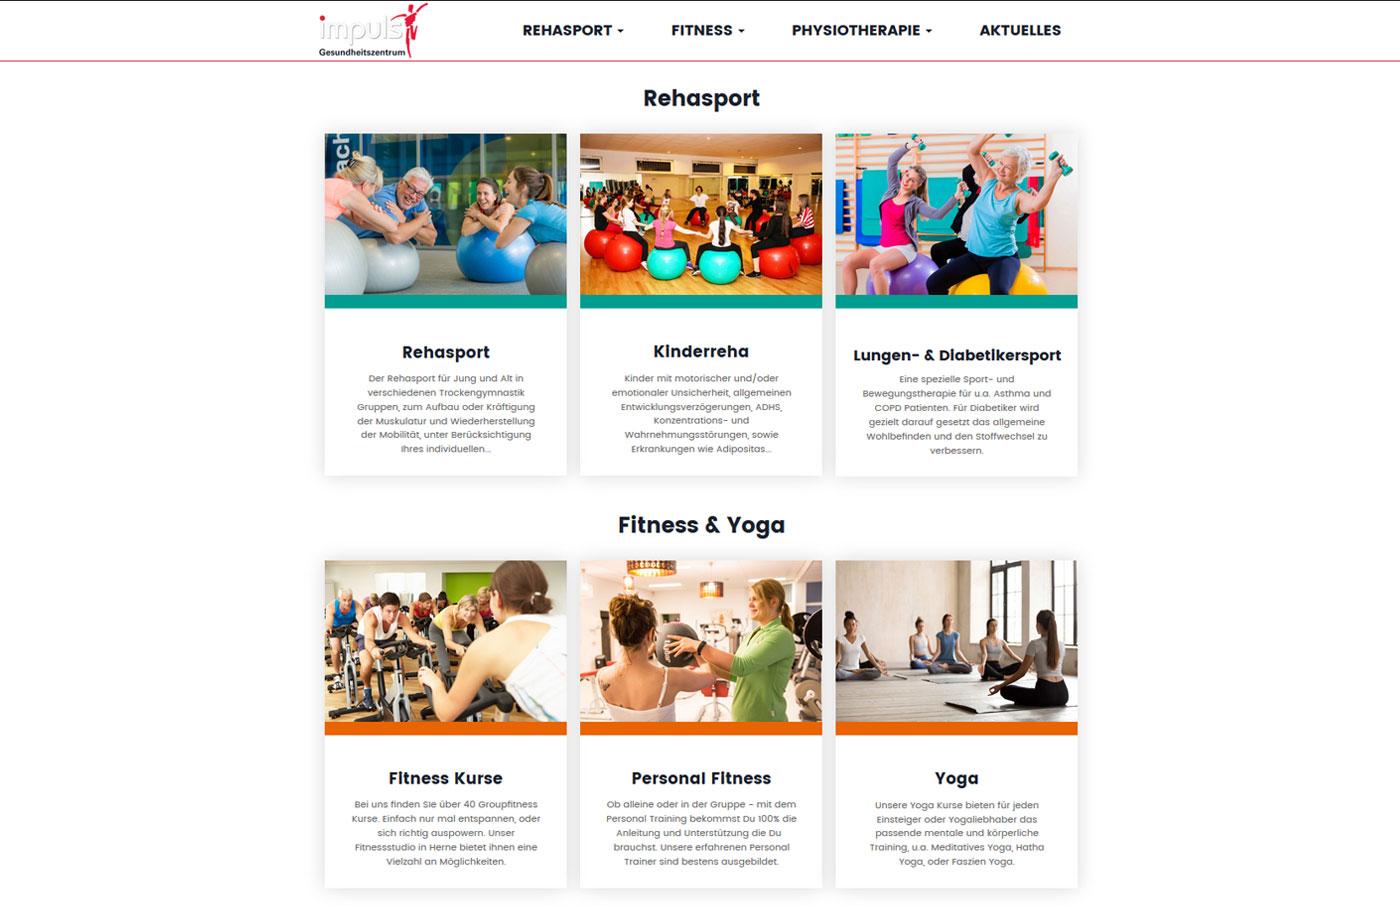 webseite-impuls-gesundheitszentrurm.jpg